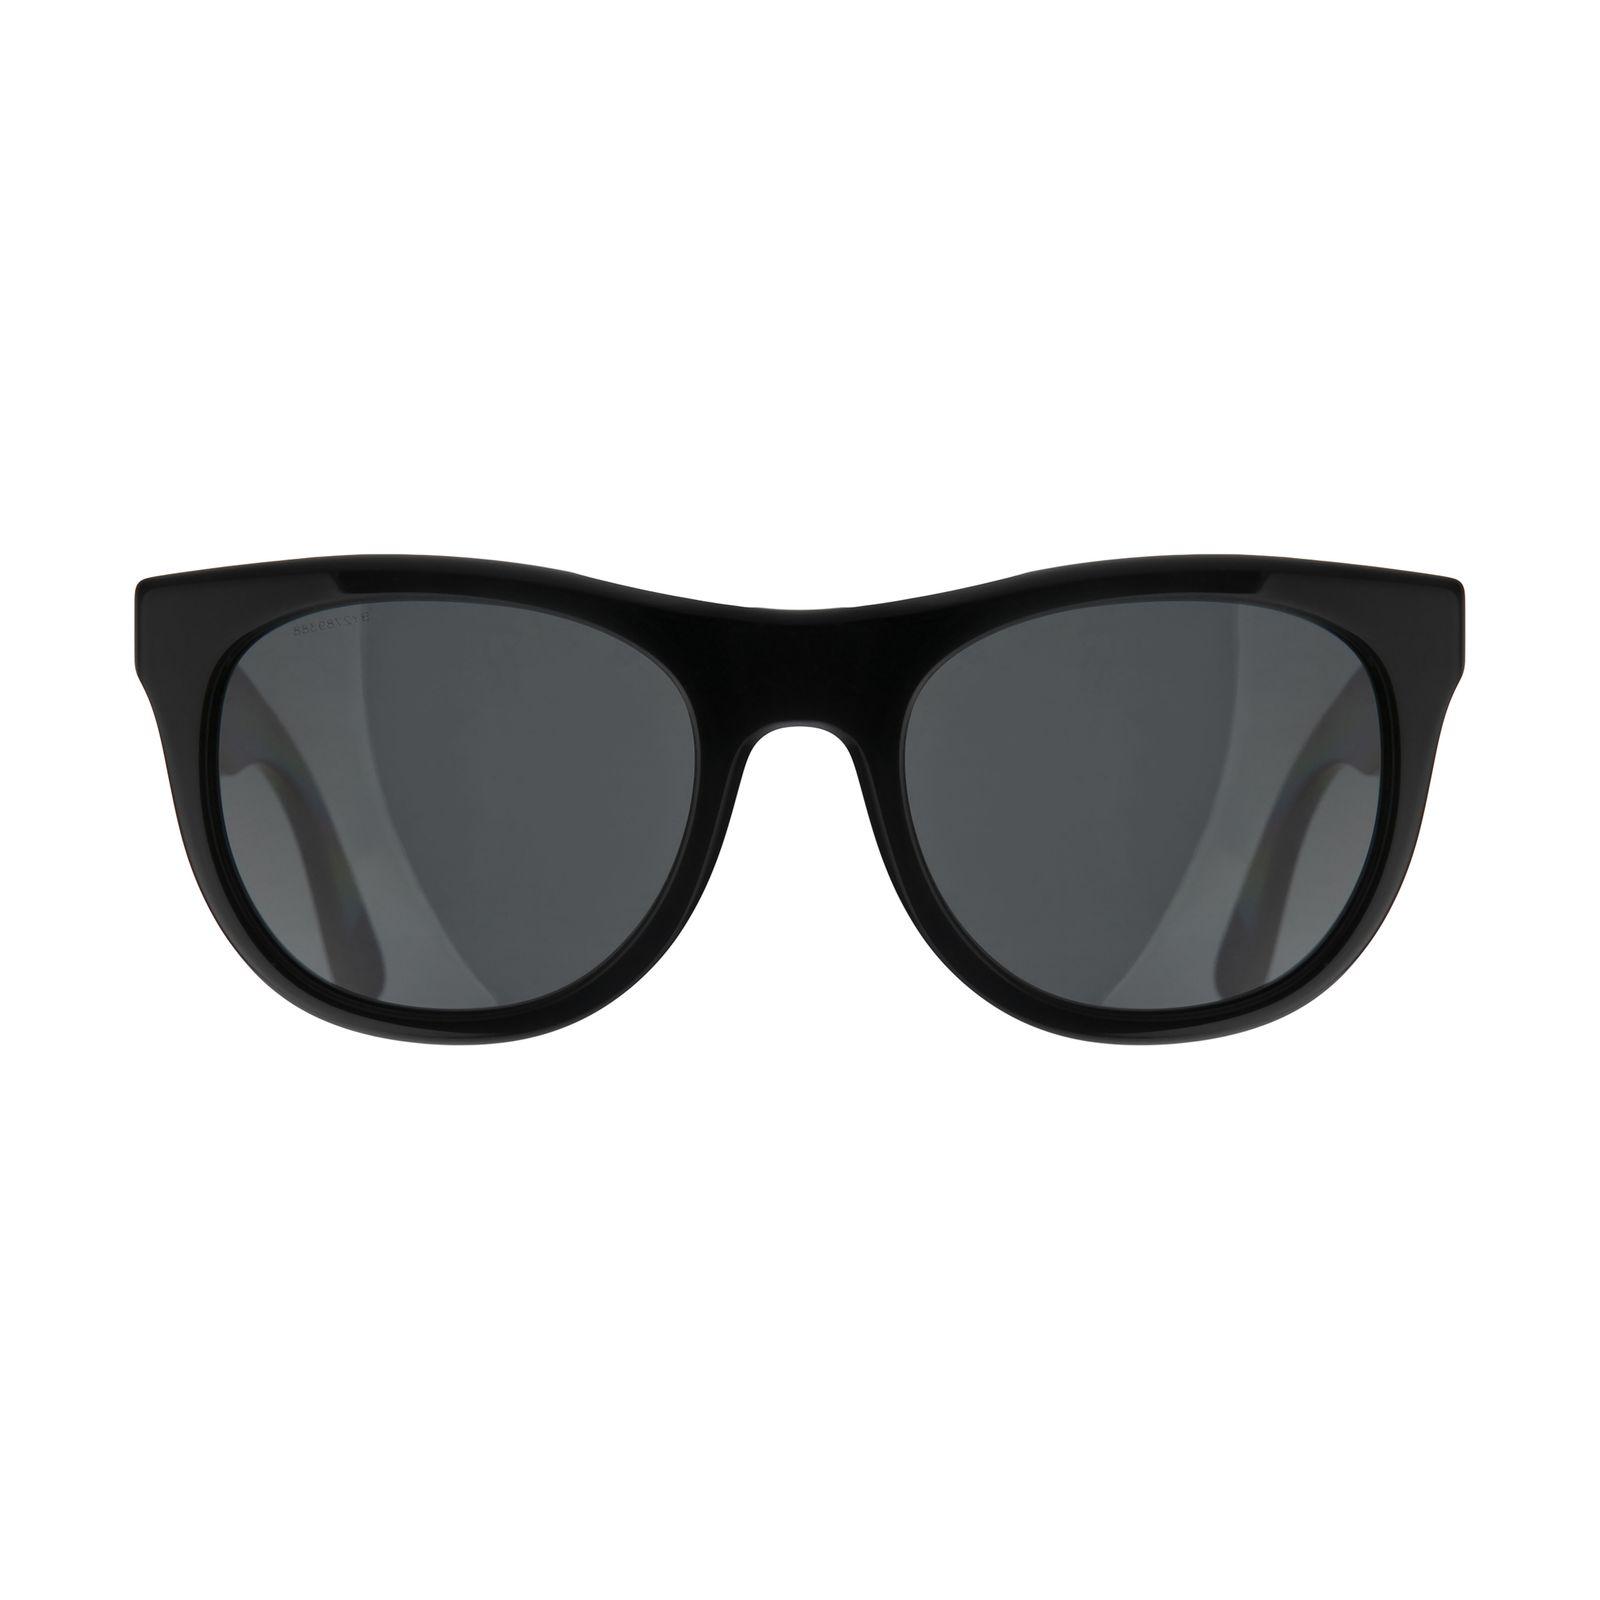 عینک آفتابی مردانه بربری مدل BE 4195S 300187 52 -  - 2